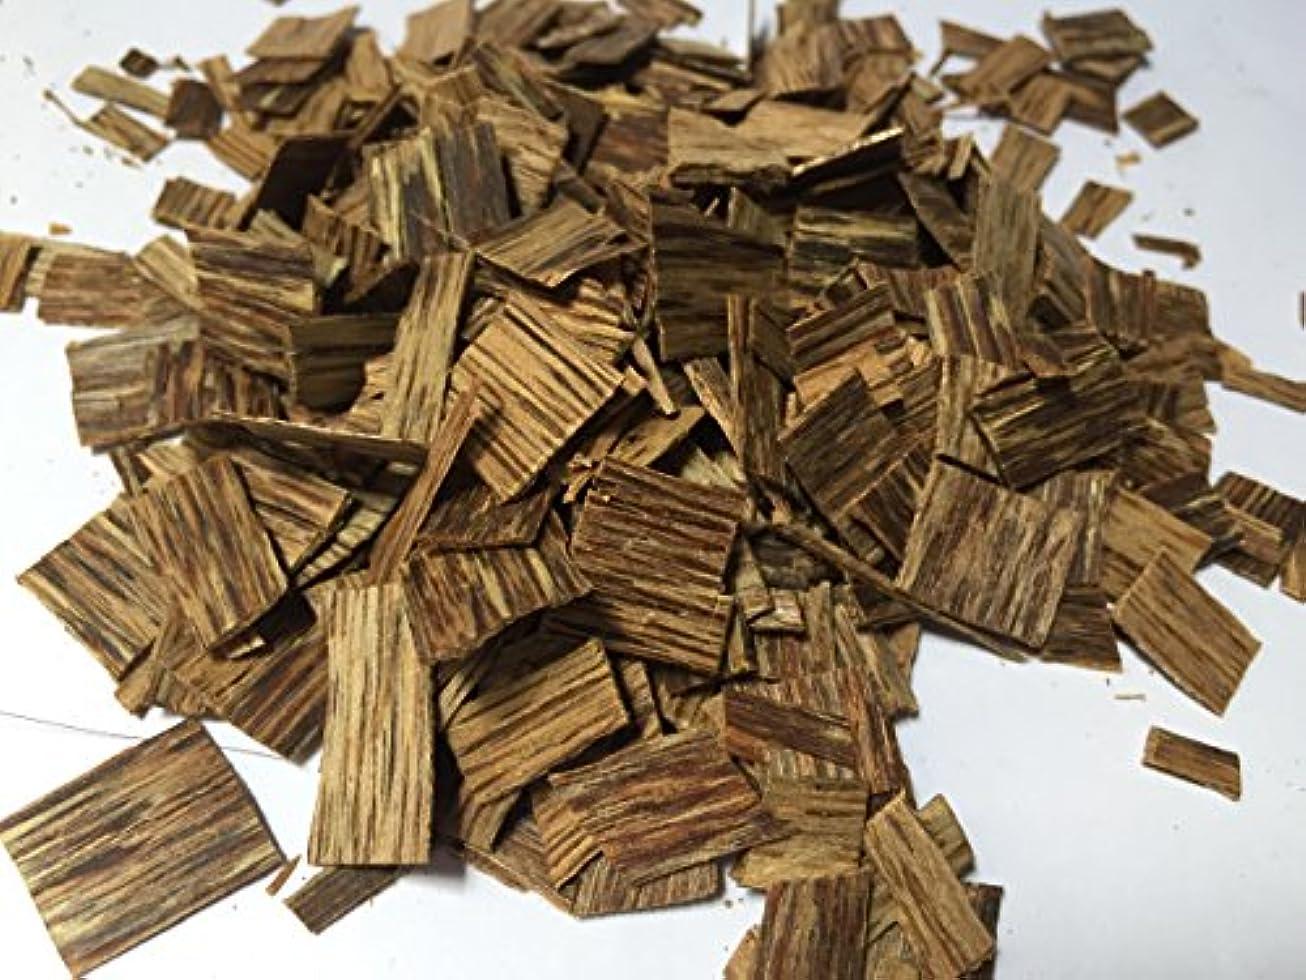 目を覚ます百科事典クスコoudwoodvietnam. Com元Natural Wild Agarwood OudチップGrade A + | 1 kgお香アロマ